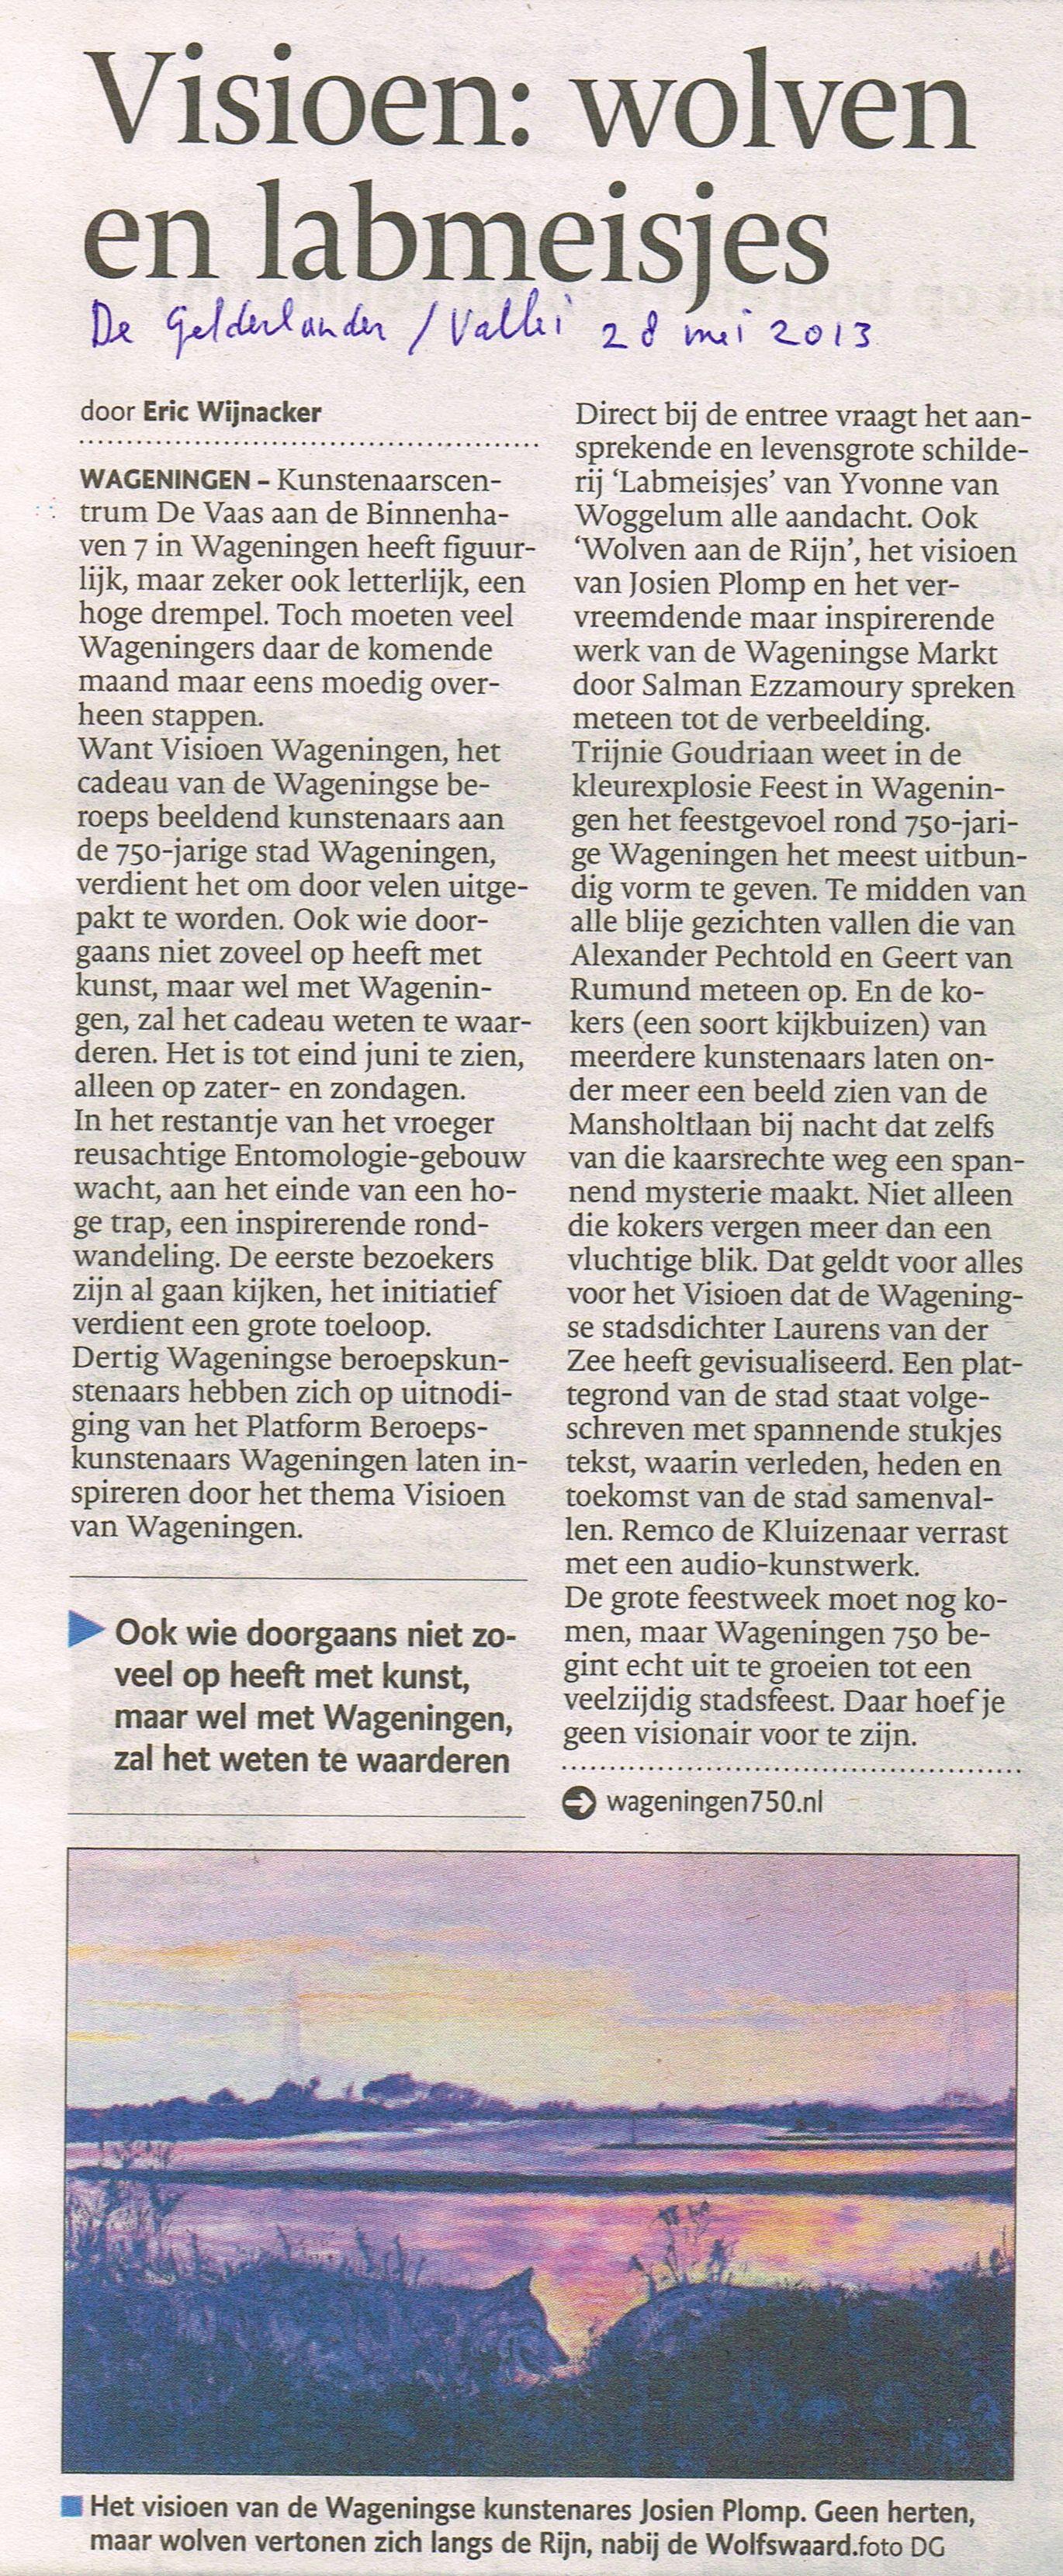 2013 De Gelderlander 28 mei over Visioen Wageningen